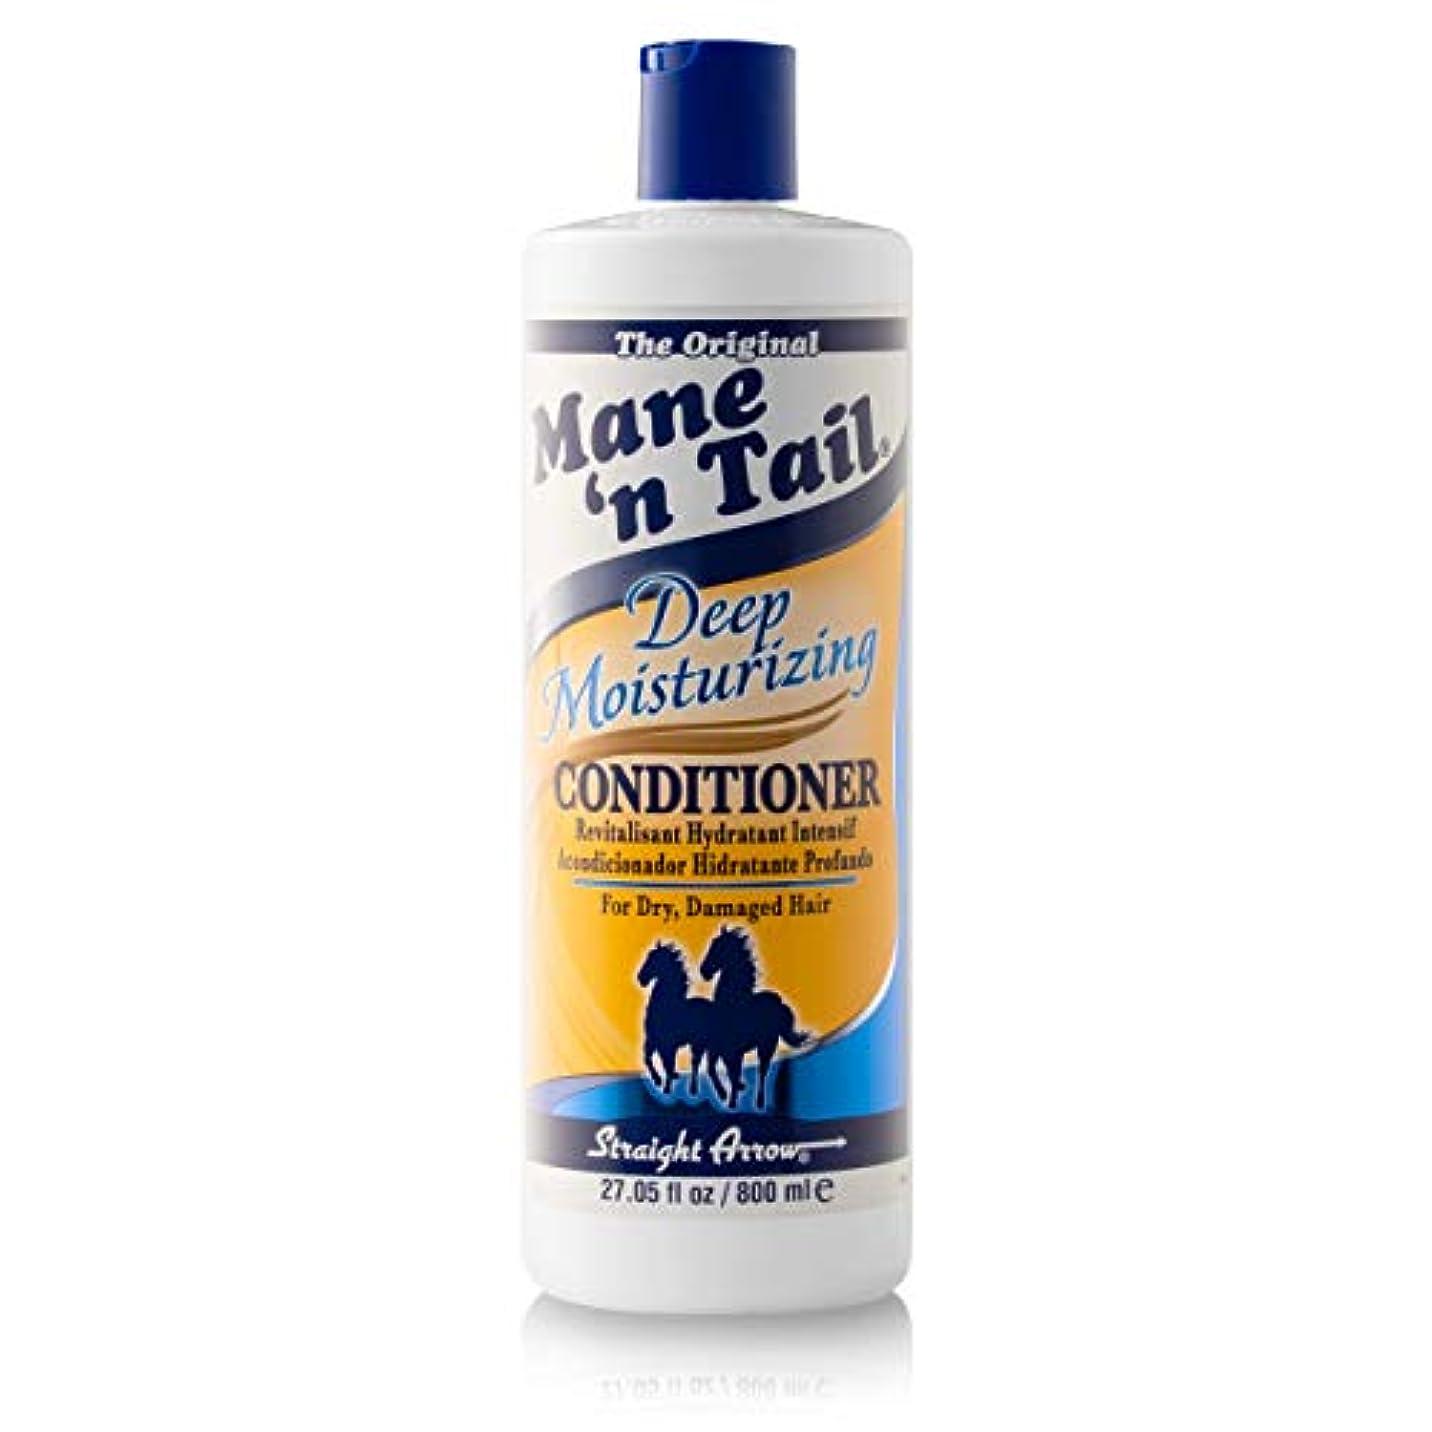 繊毛調和脈拍Mane 'n Tail 乾燥してダメージヘア27.05オンスを復元するために、ディープモイスチャライジングコンディショナー